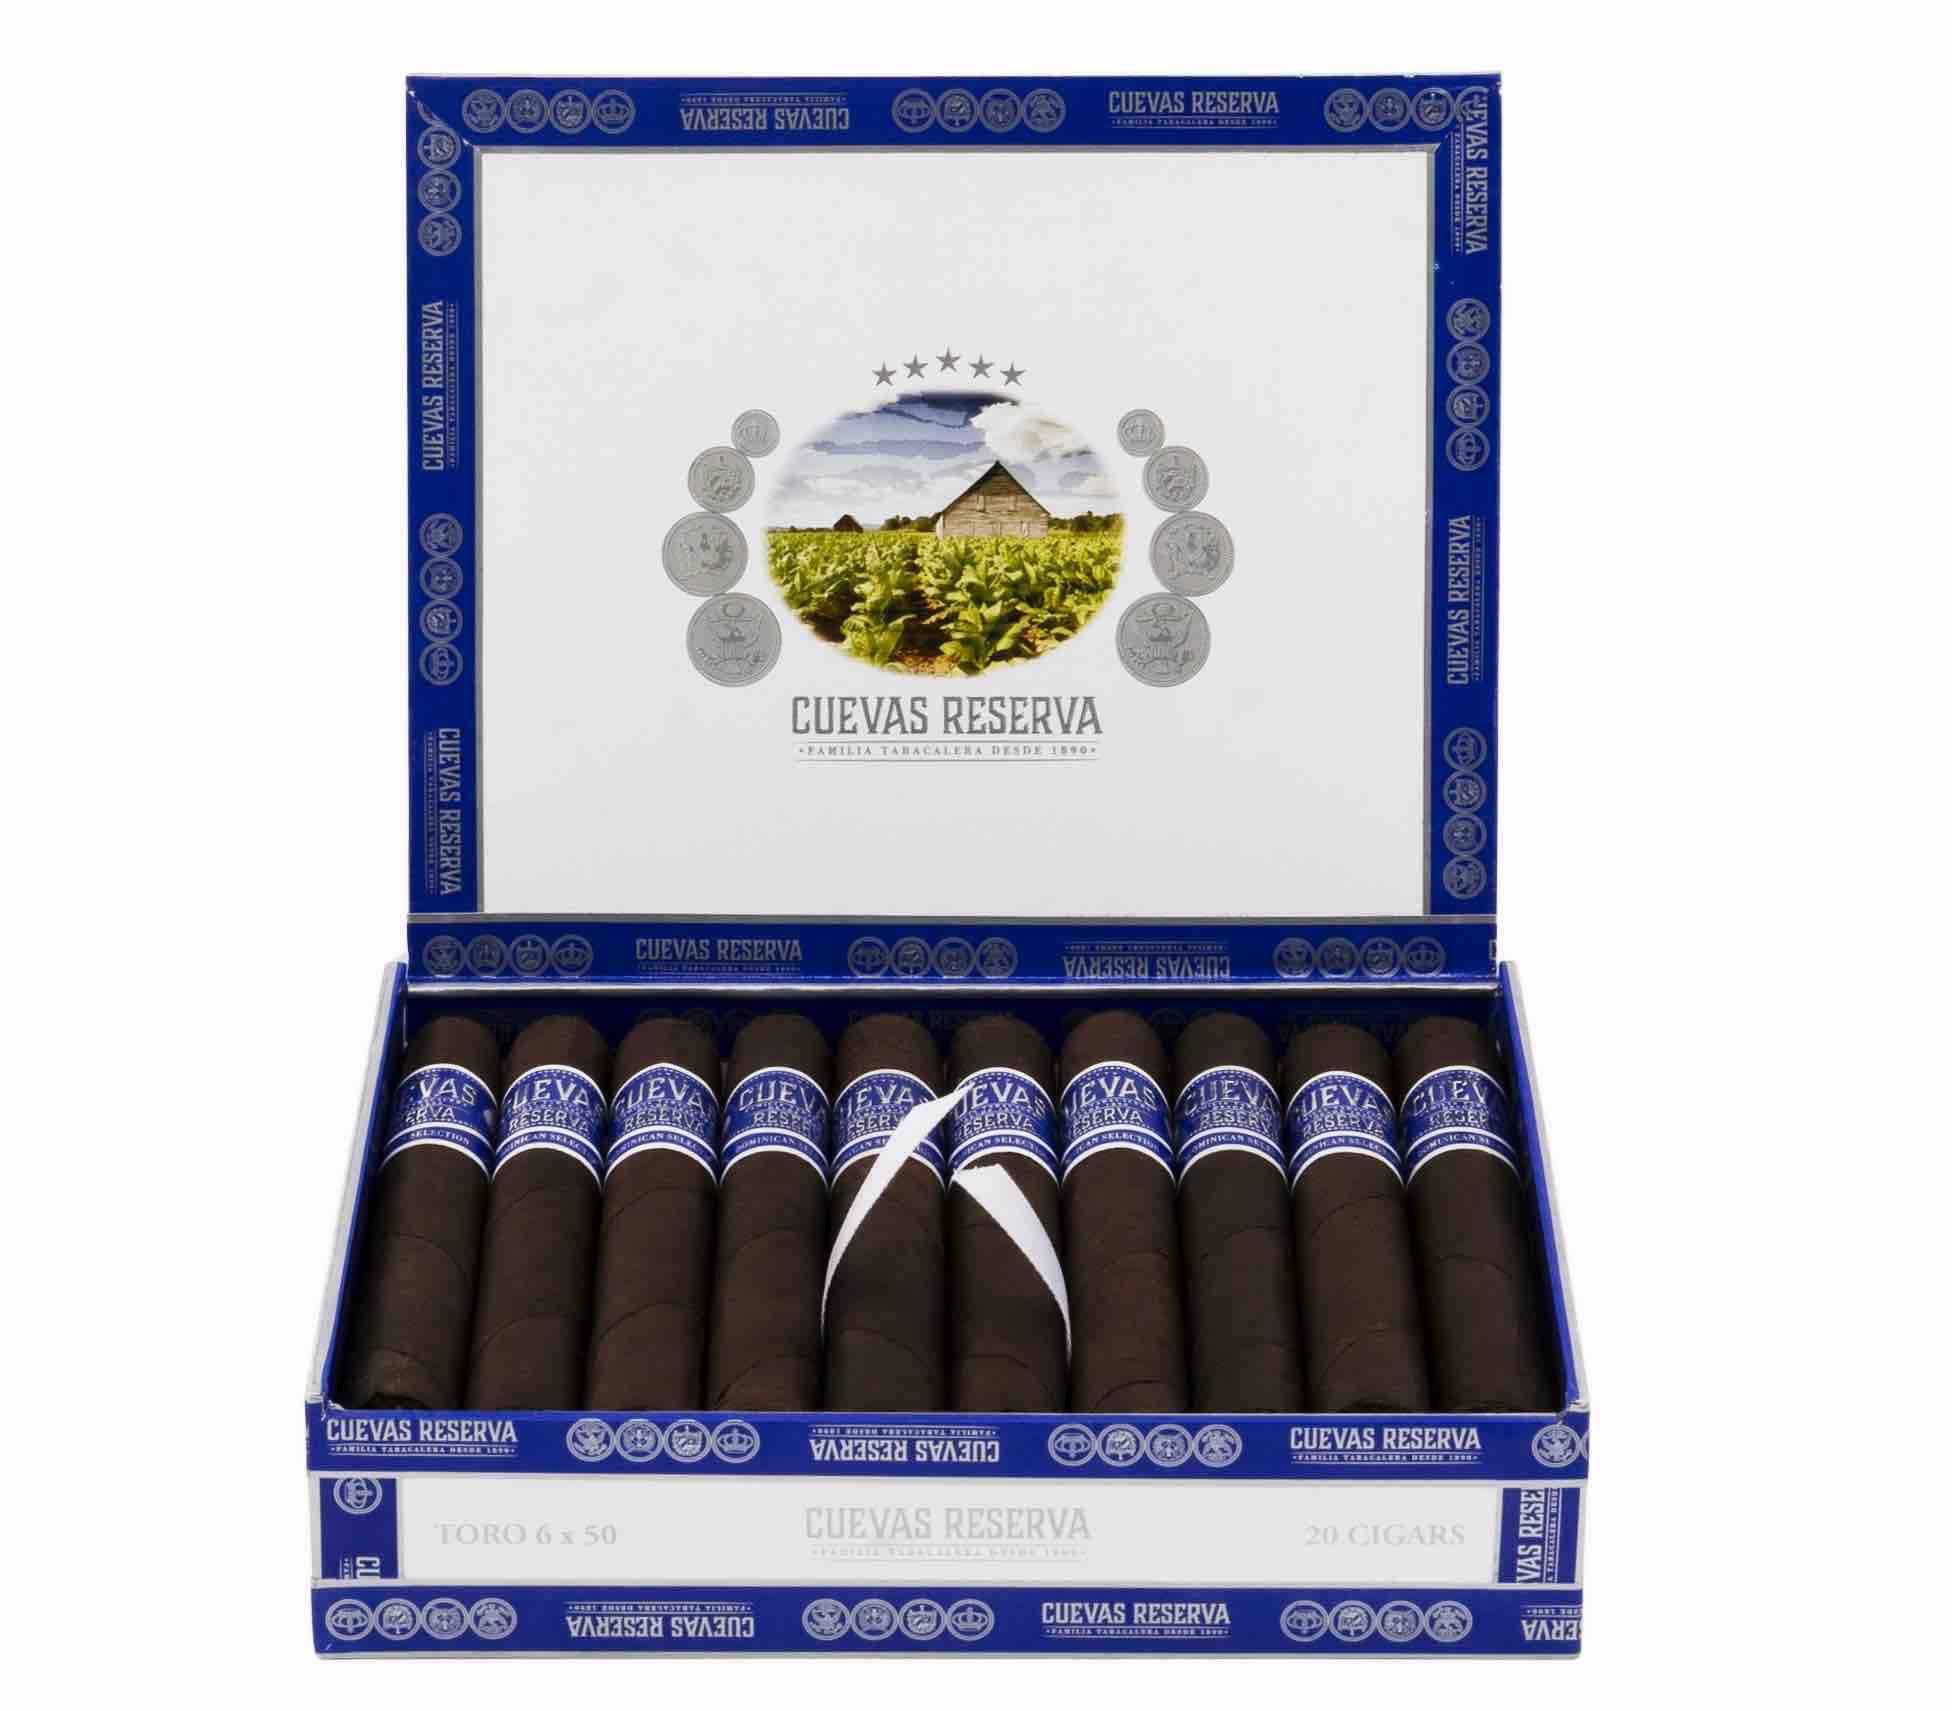 Cigar News: Casa Cuevas Cigars to Release Cuevas Reserva at 2019 IPCPR Trade Show